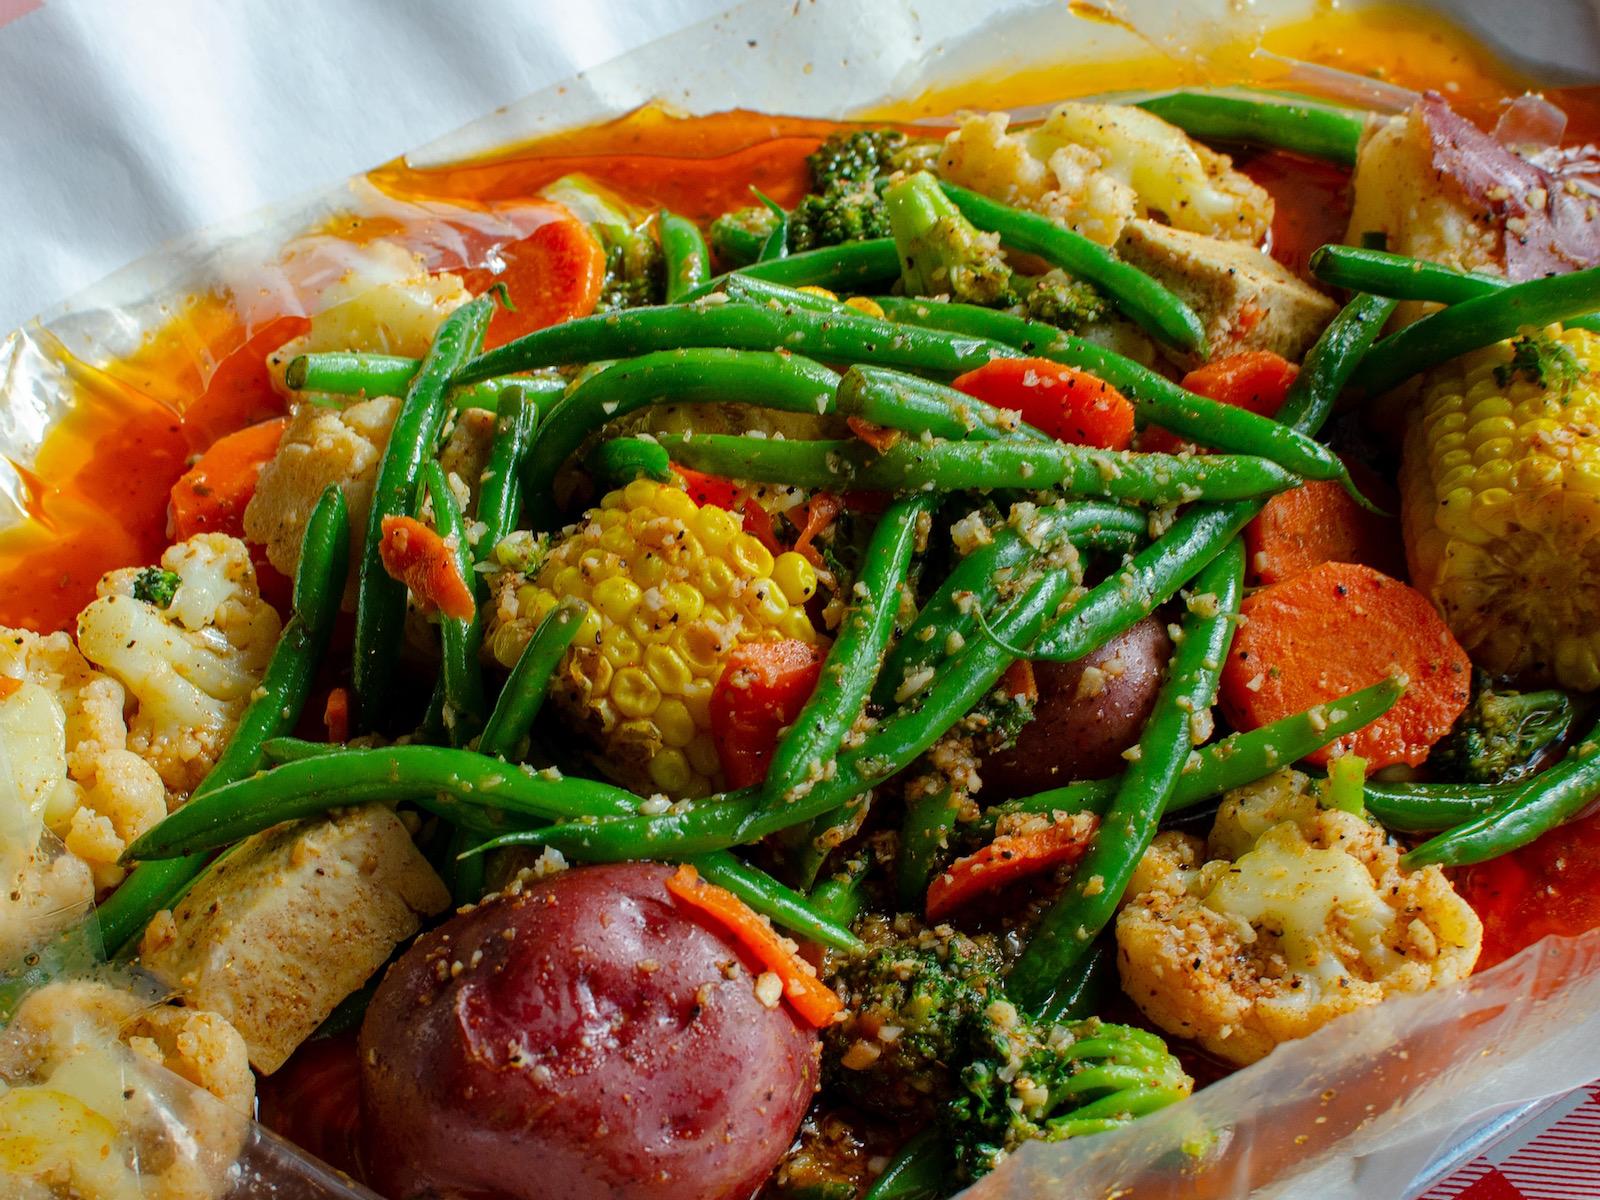 Vegetable boil